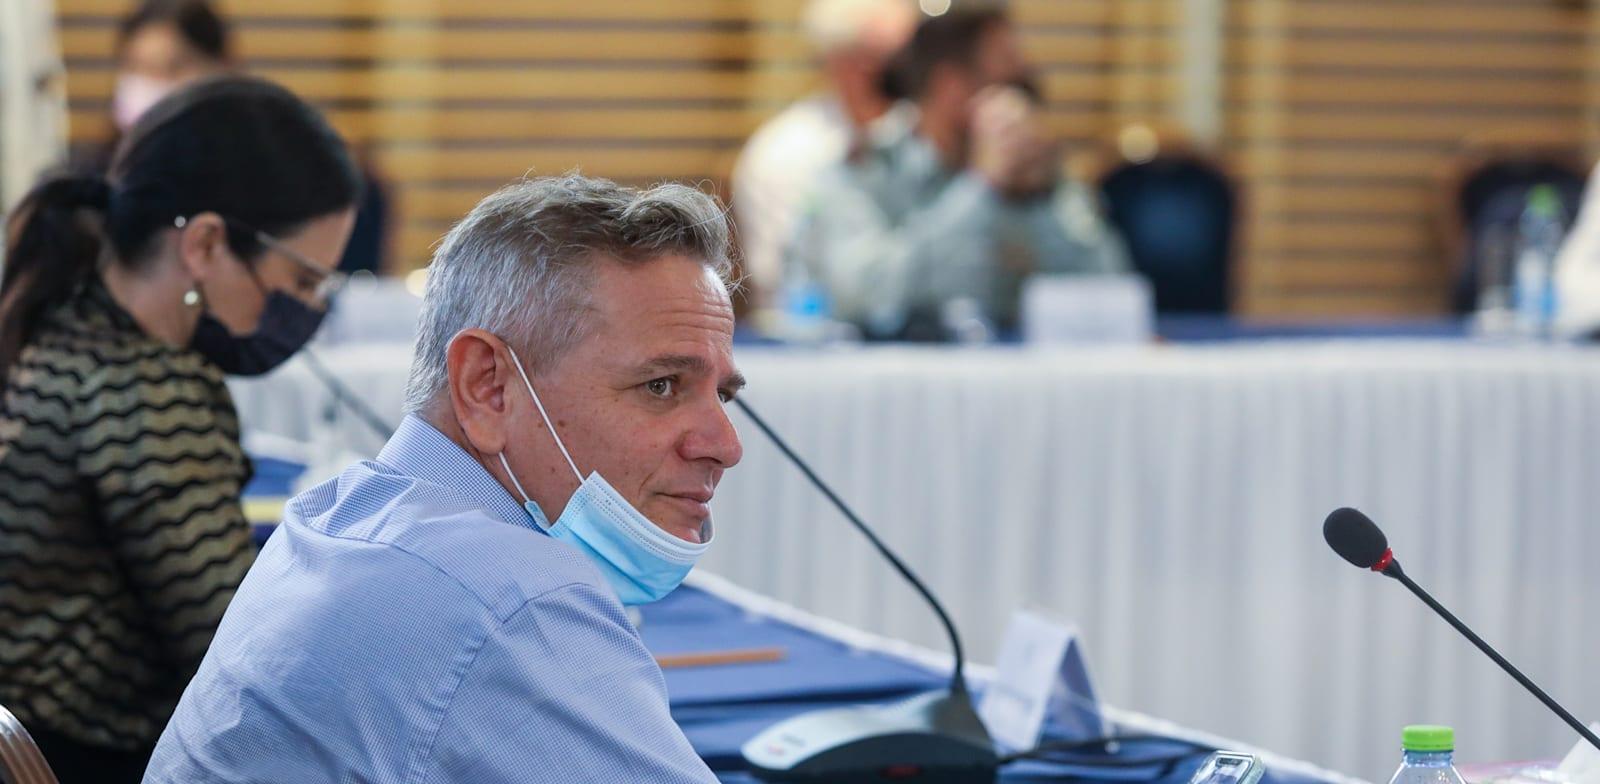 """שר הבריאות ניצן הורוביץ. דורש הגדלה משמעותית של תקציב משרדו / צילום: מארק ישראל סלם , """"ג'רוזלם פוסט"""""""